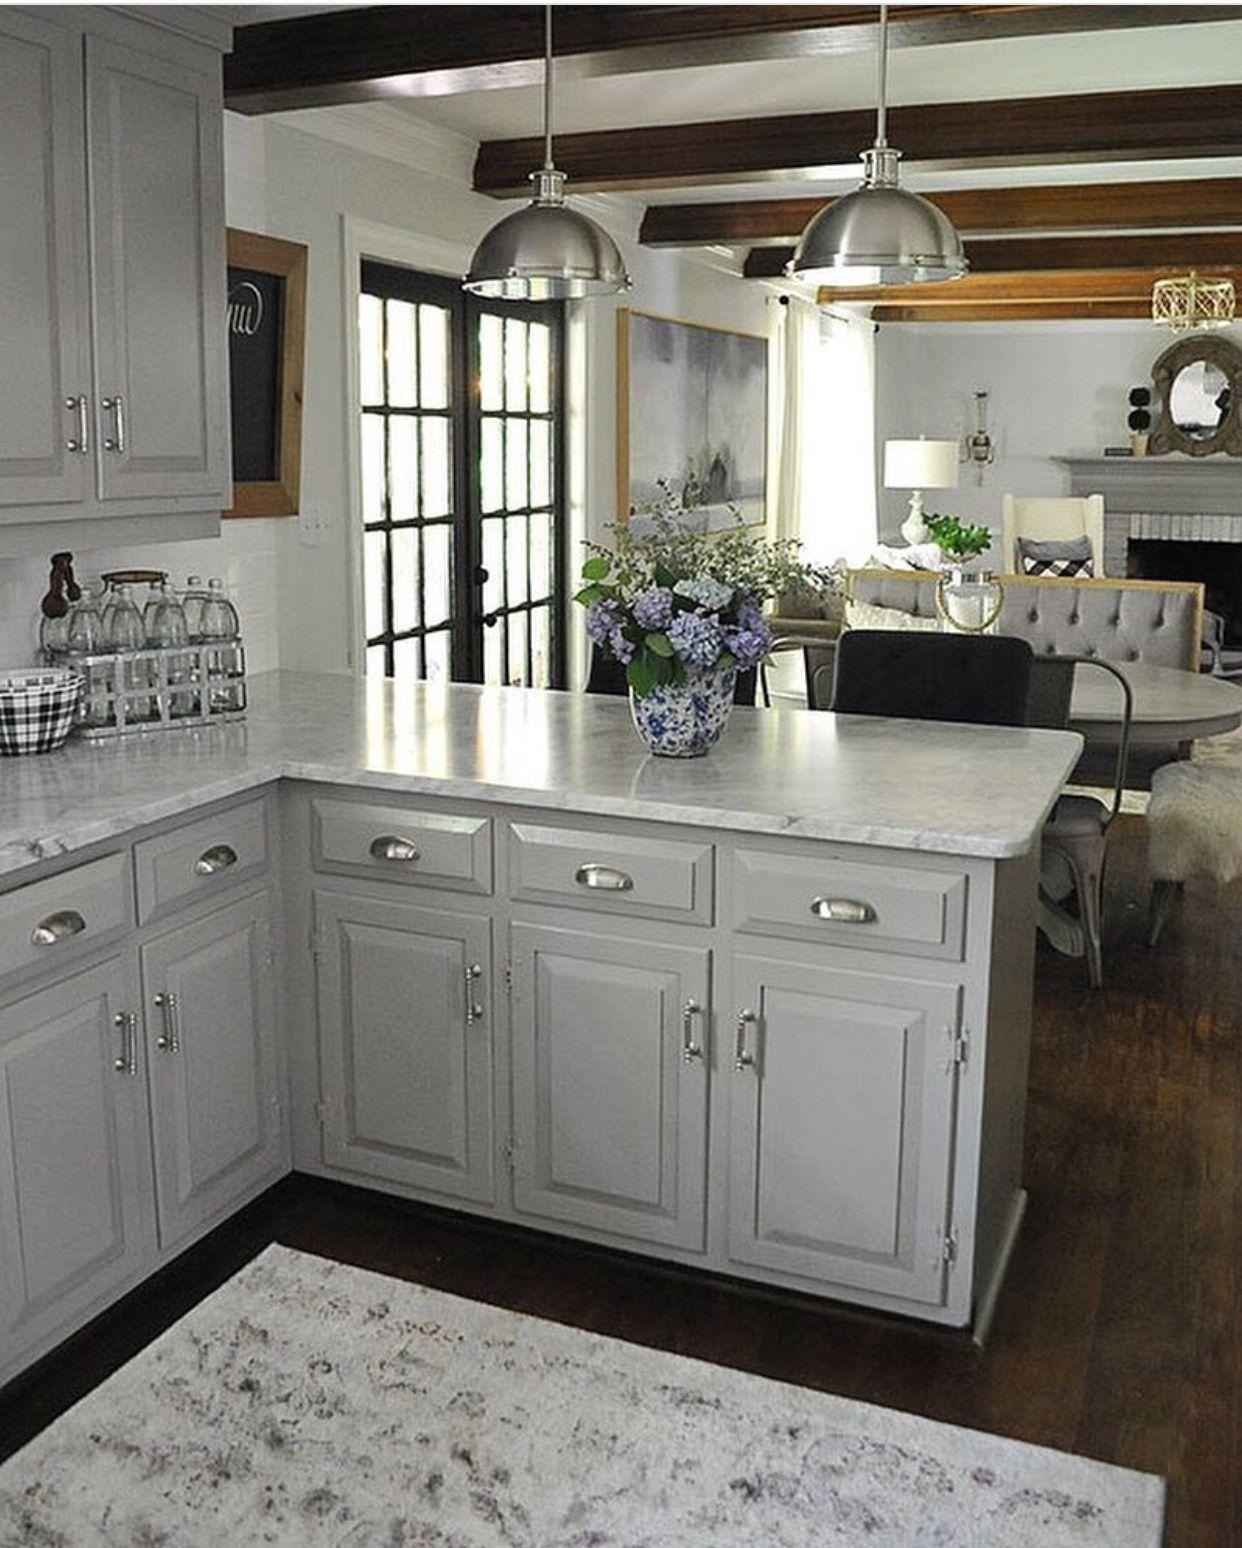 Stunning Grey Wash Kitchen Cabinets Ideas In 2020 Kitchen Remodel Small Kitchen Design Home Kitchens